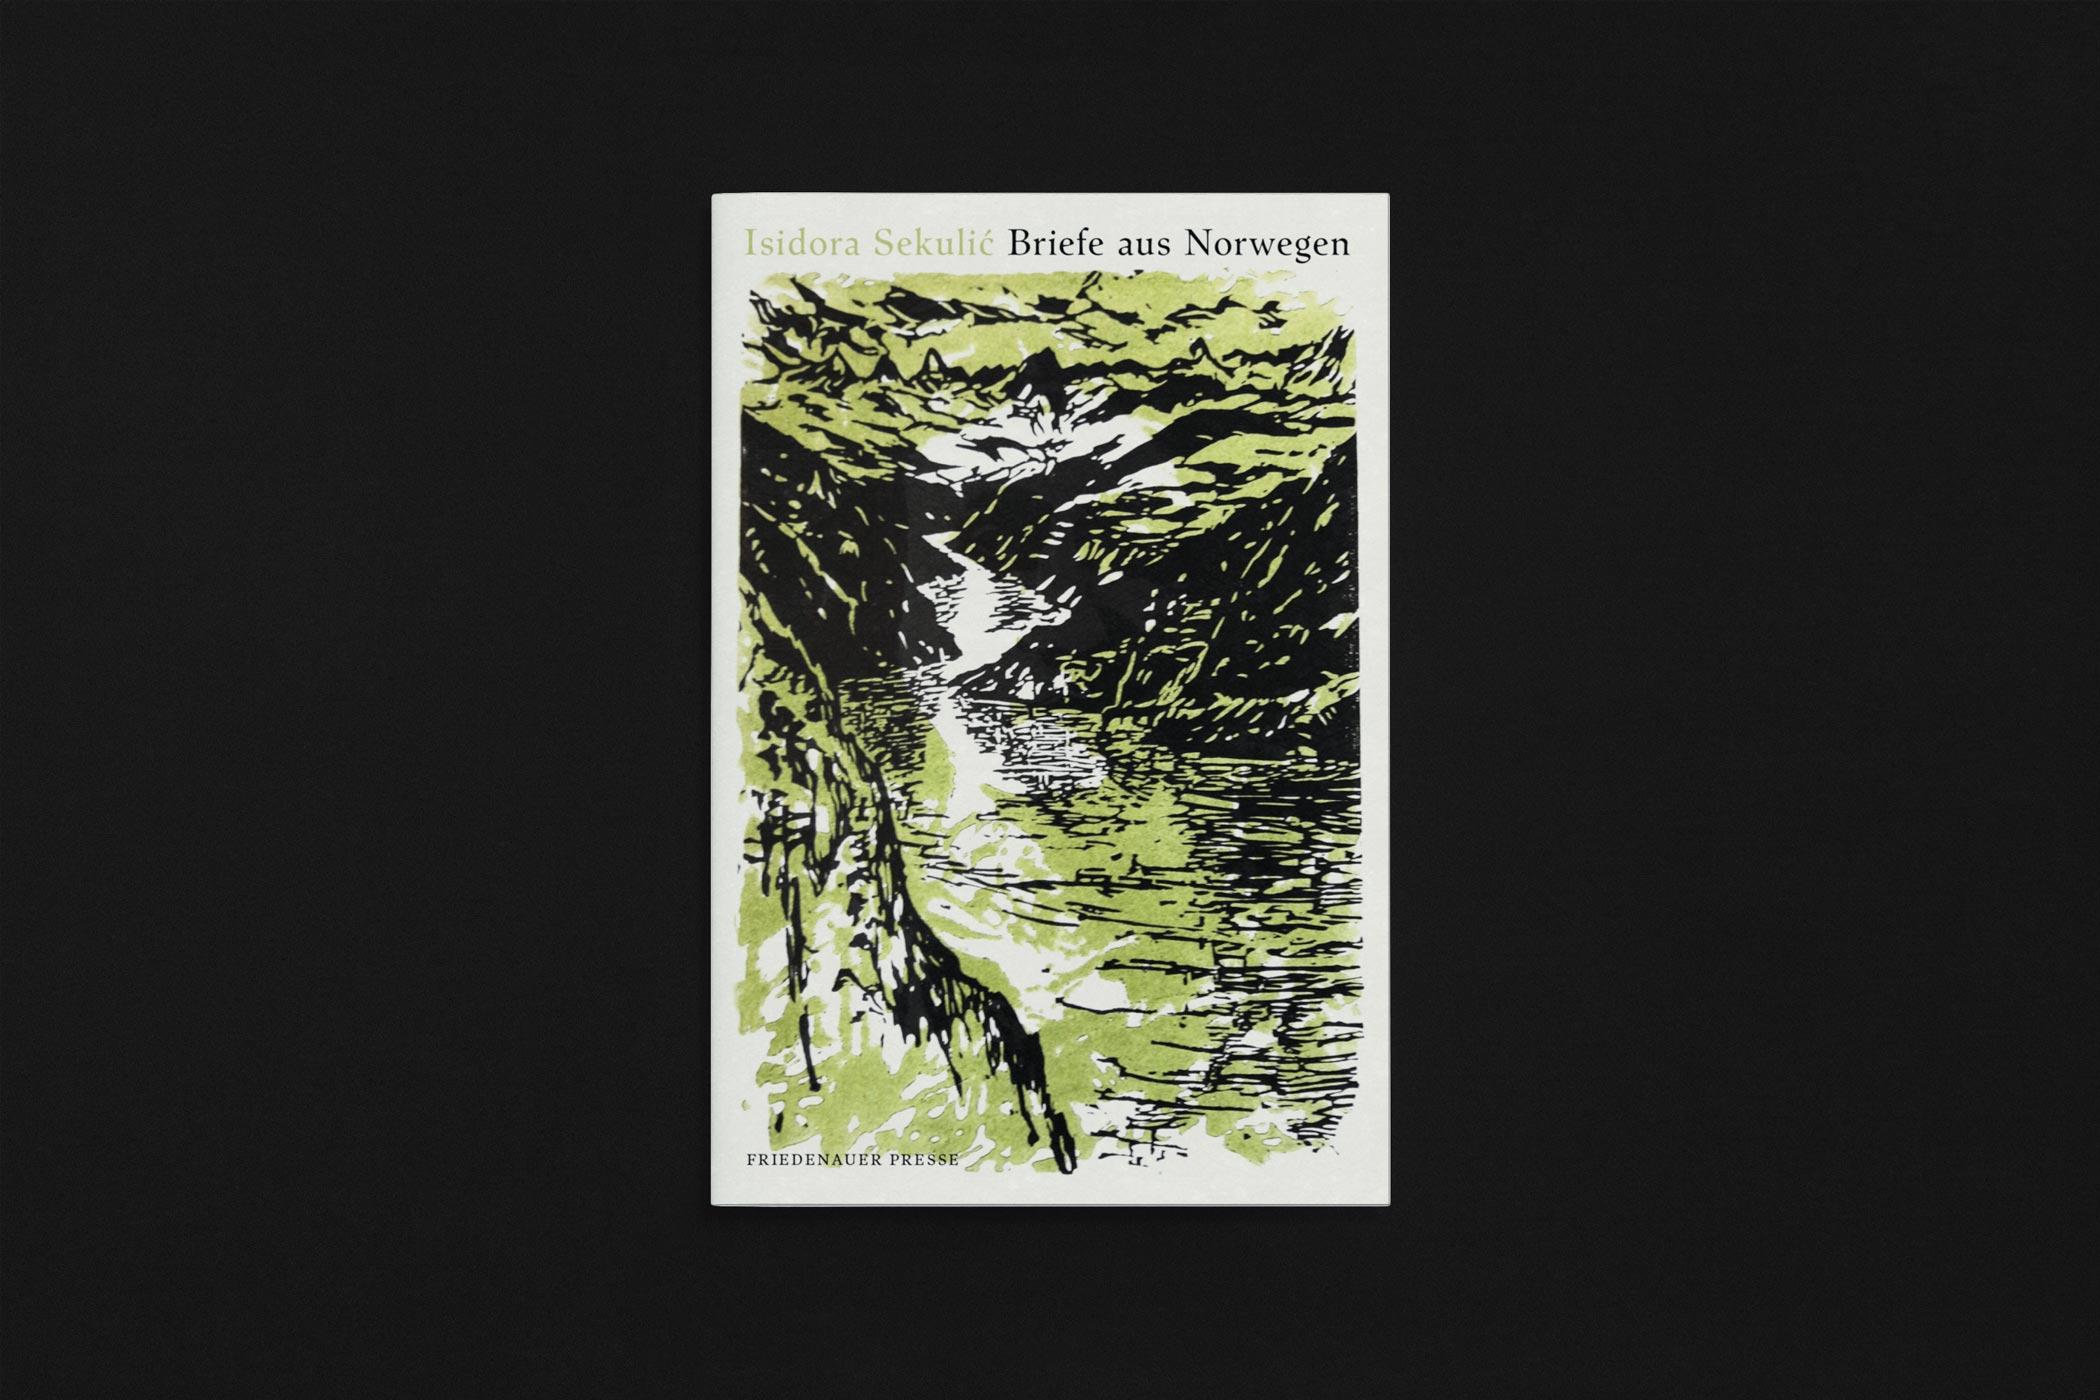 """Das Buch """"Briefe aus Norwegen"""" von Isidore Sekulić erschienen im Verlag Friedenauer Presse mit einem zweifarbigen Holzschnitt von Christian Thanhäuser am Umschlag"""